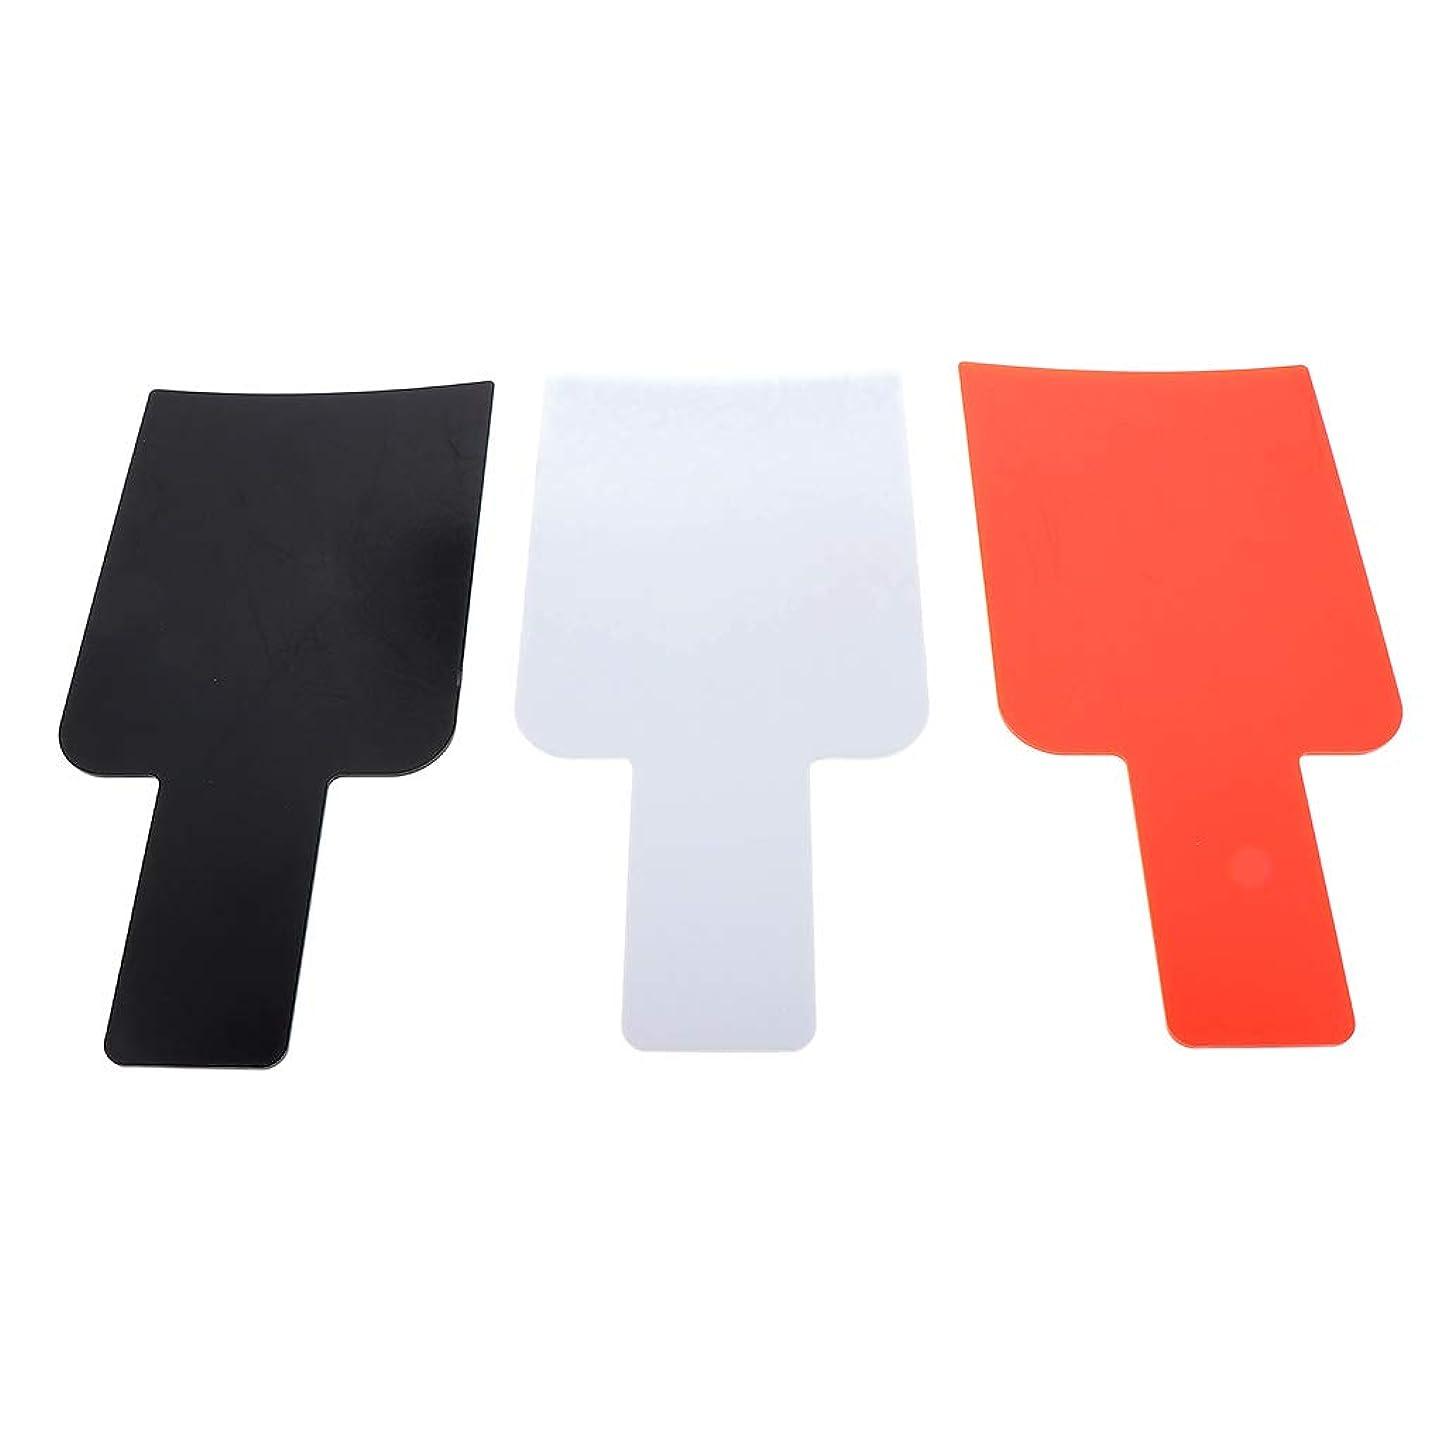 控える第三変装T TOOYFUL ハイライトボード ヘアカラーボード DIY髪染め用 毛染め ヘアカラーの用具 使いやすい 3個入